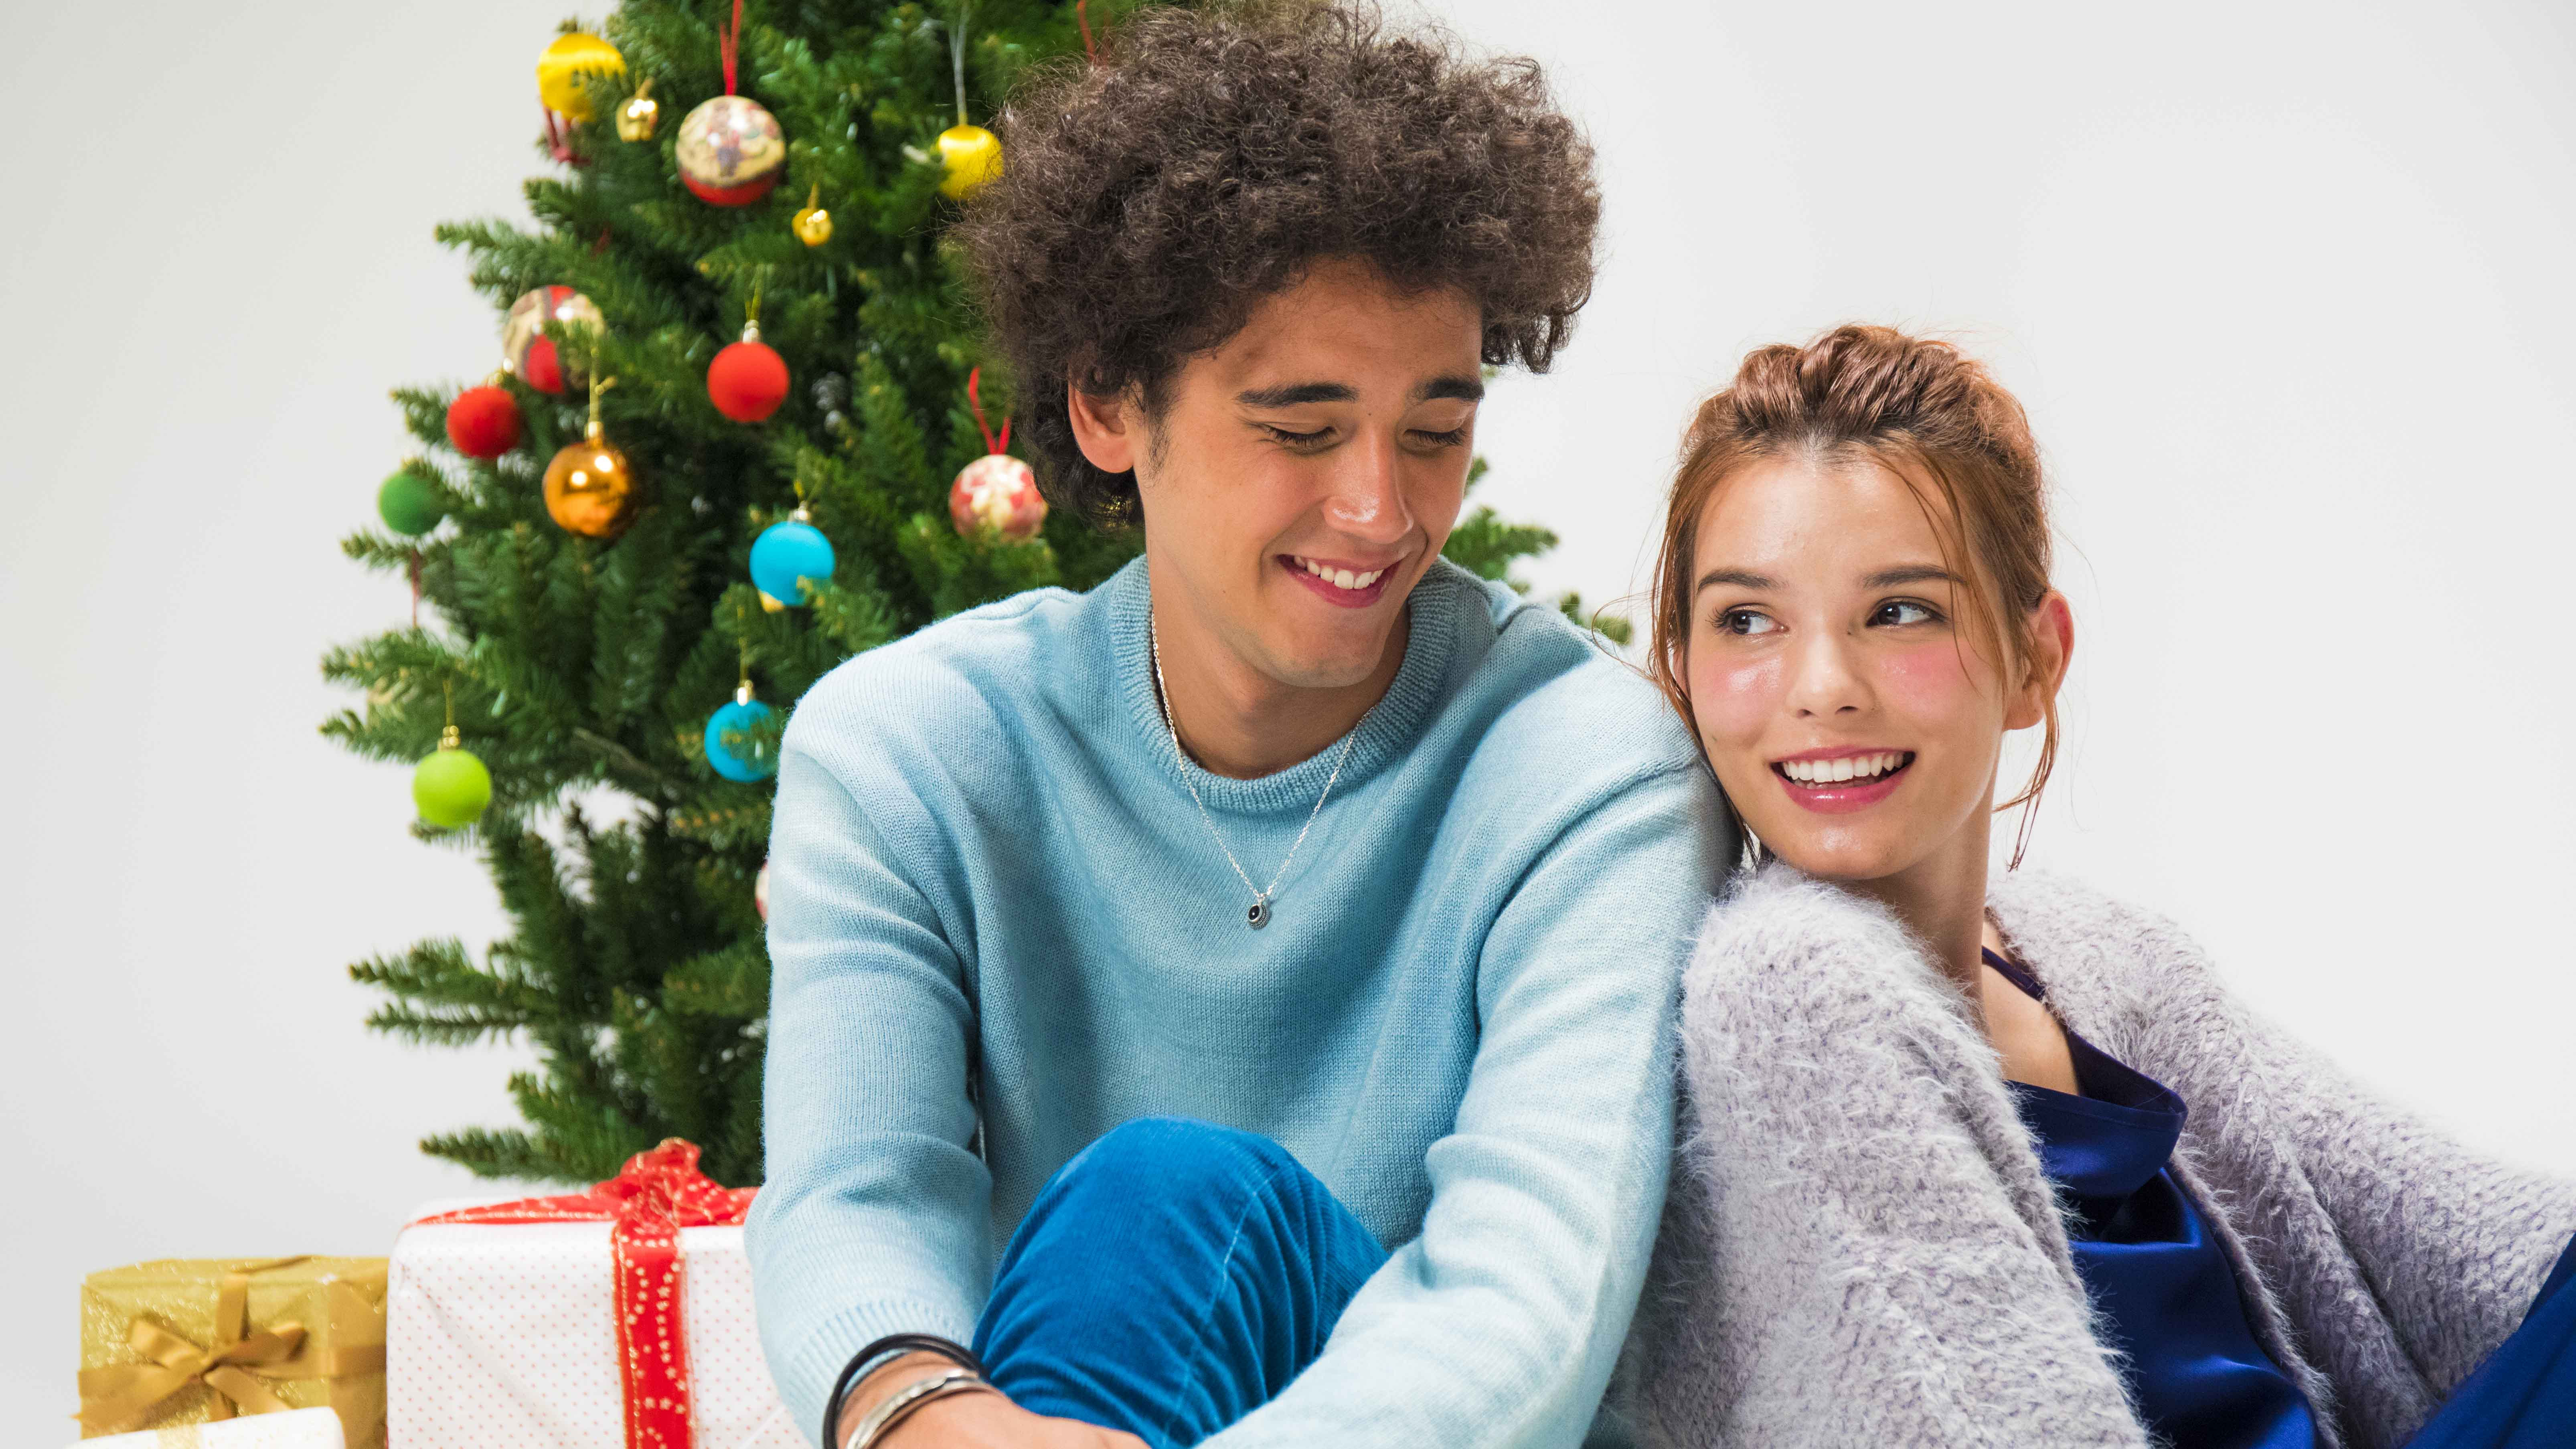 クリスマスには、彼にジュエリーを贈ろう!